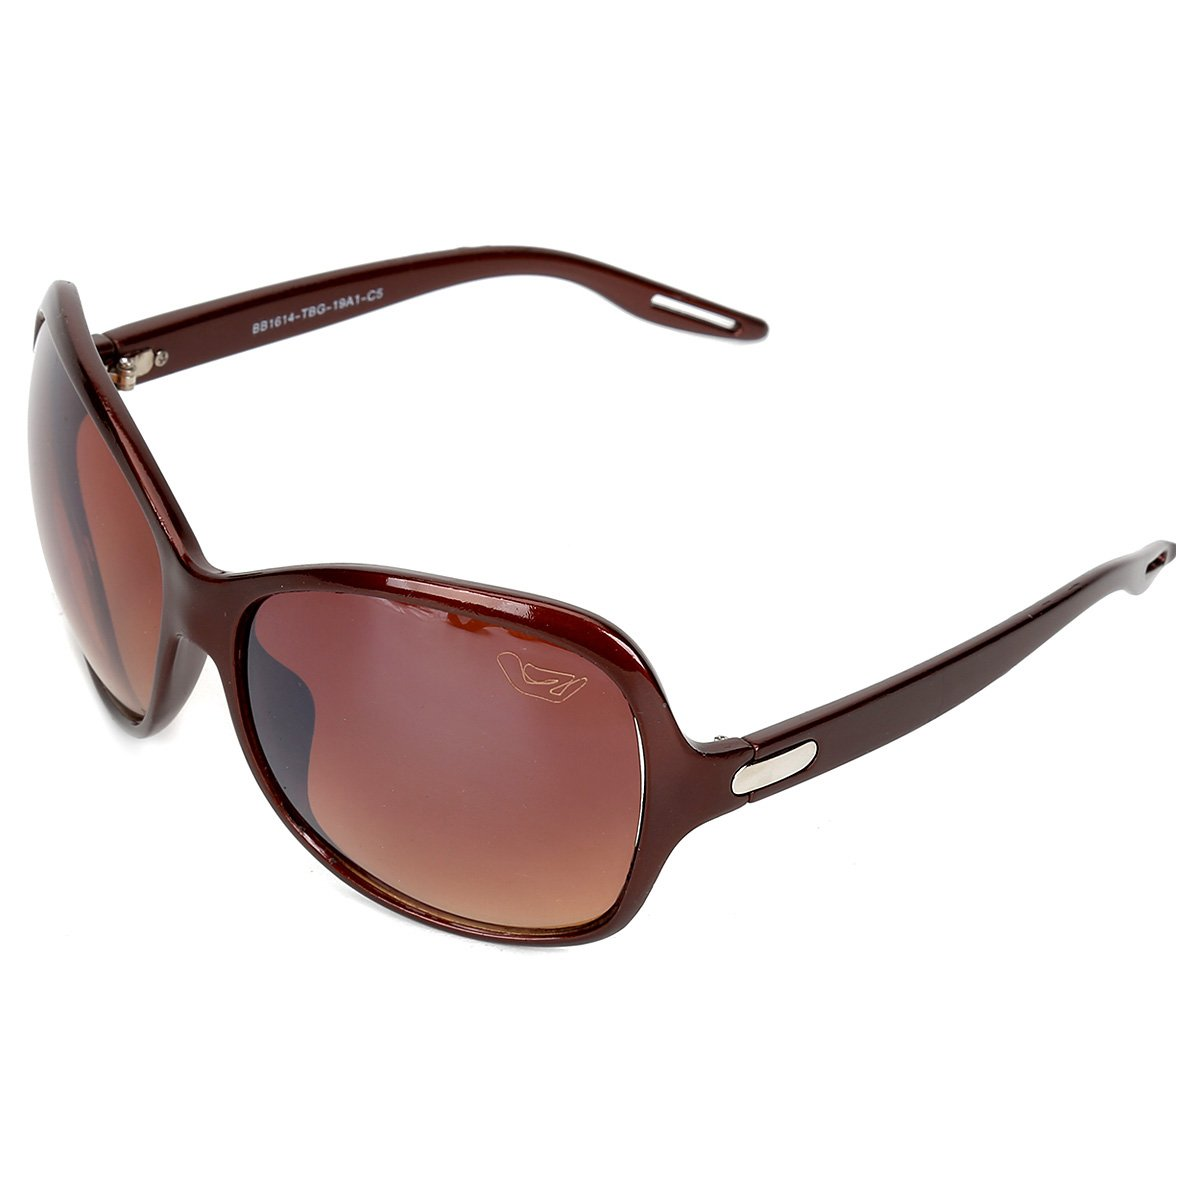 ae1a653f60c47 Óculos de Sol GP Pro Carreira - Compre Agora